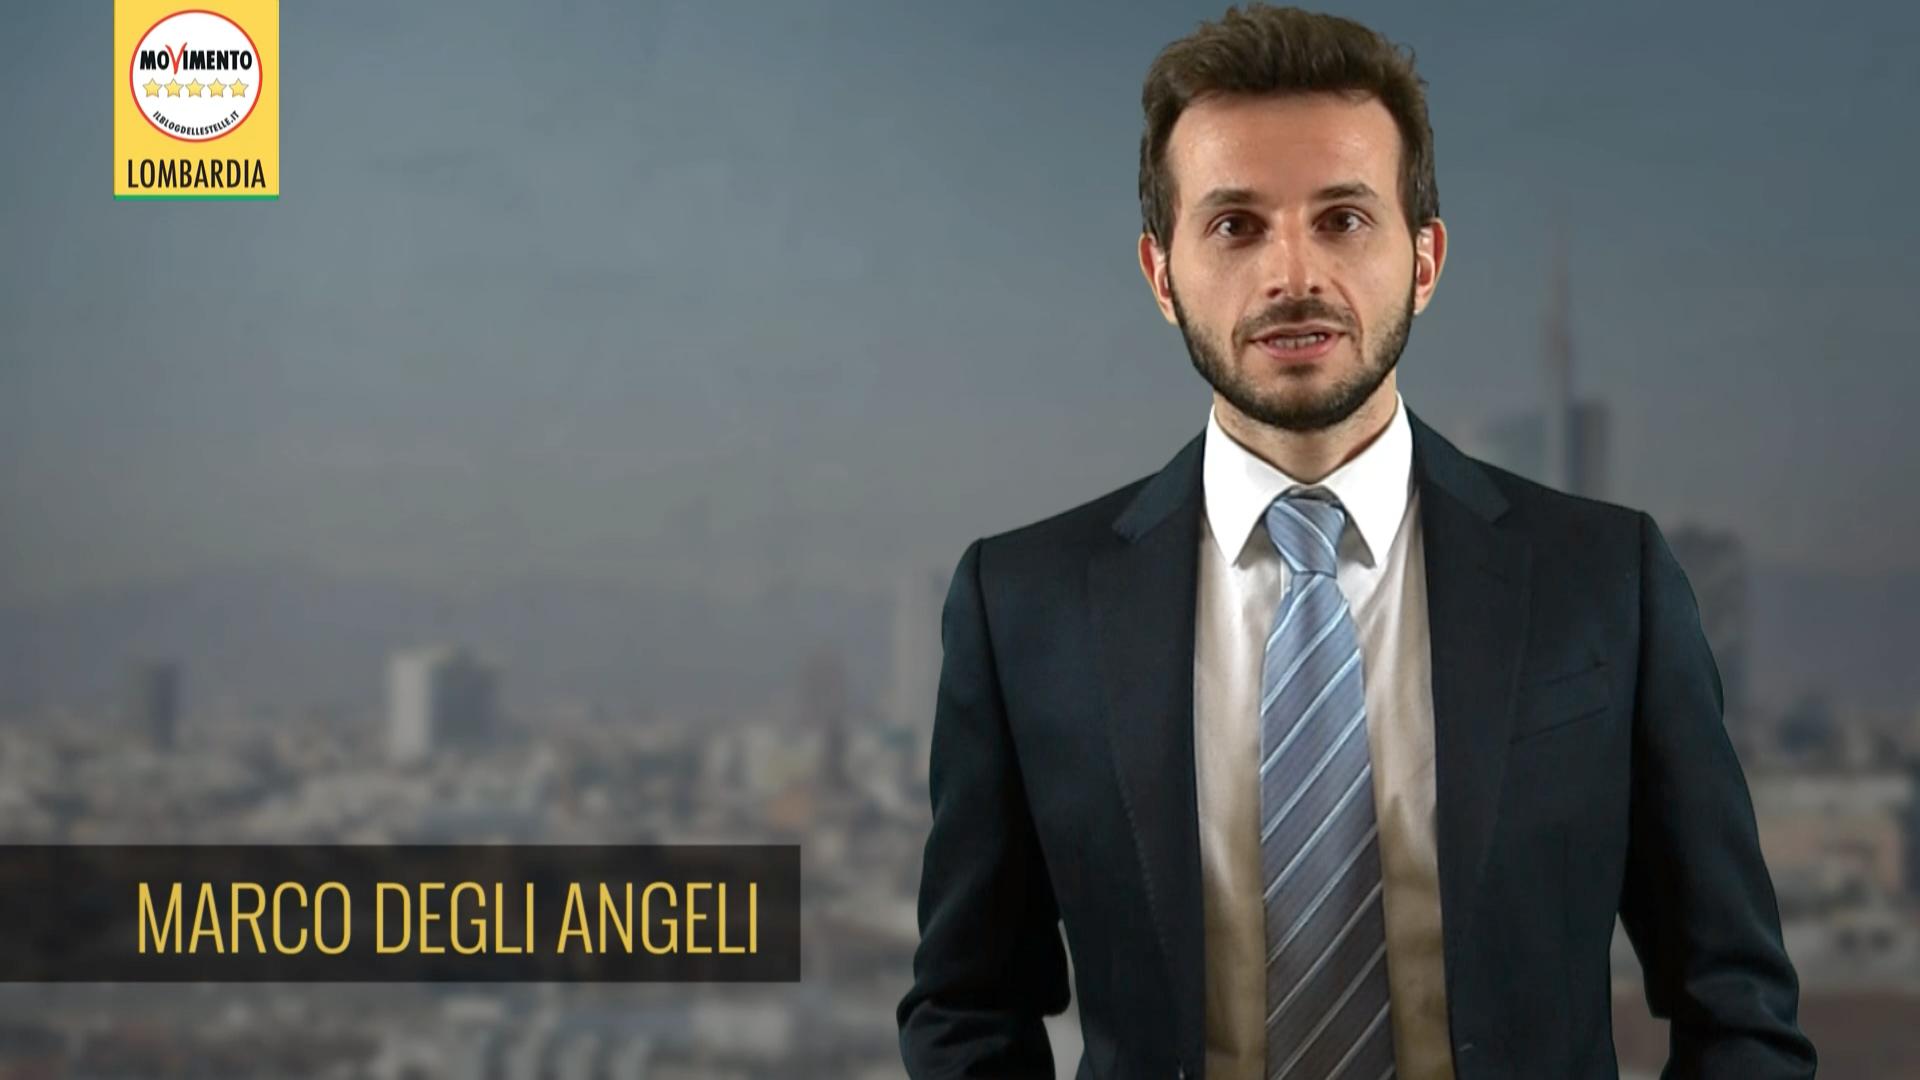 Conosciamo i consiglieri regionali: Marco Degli Angeli